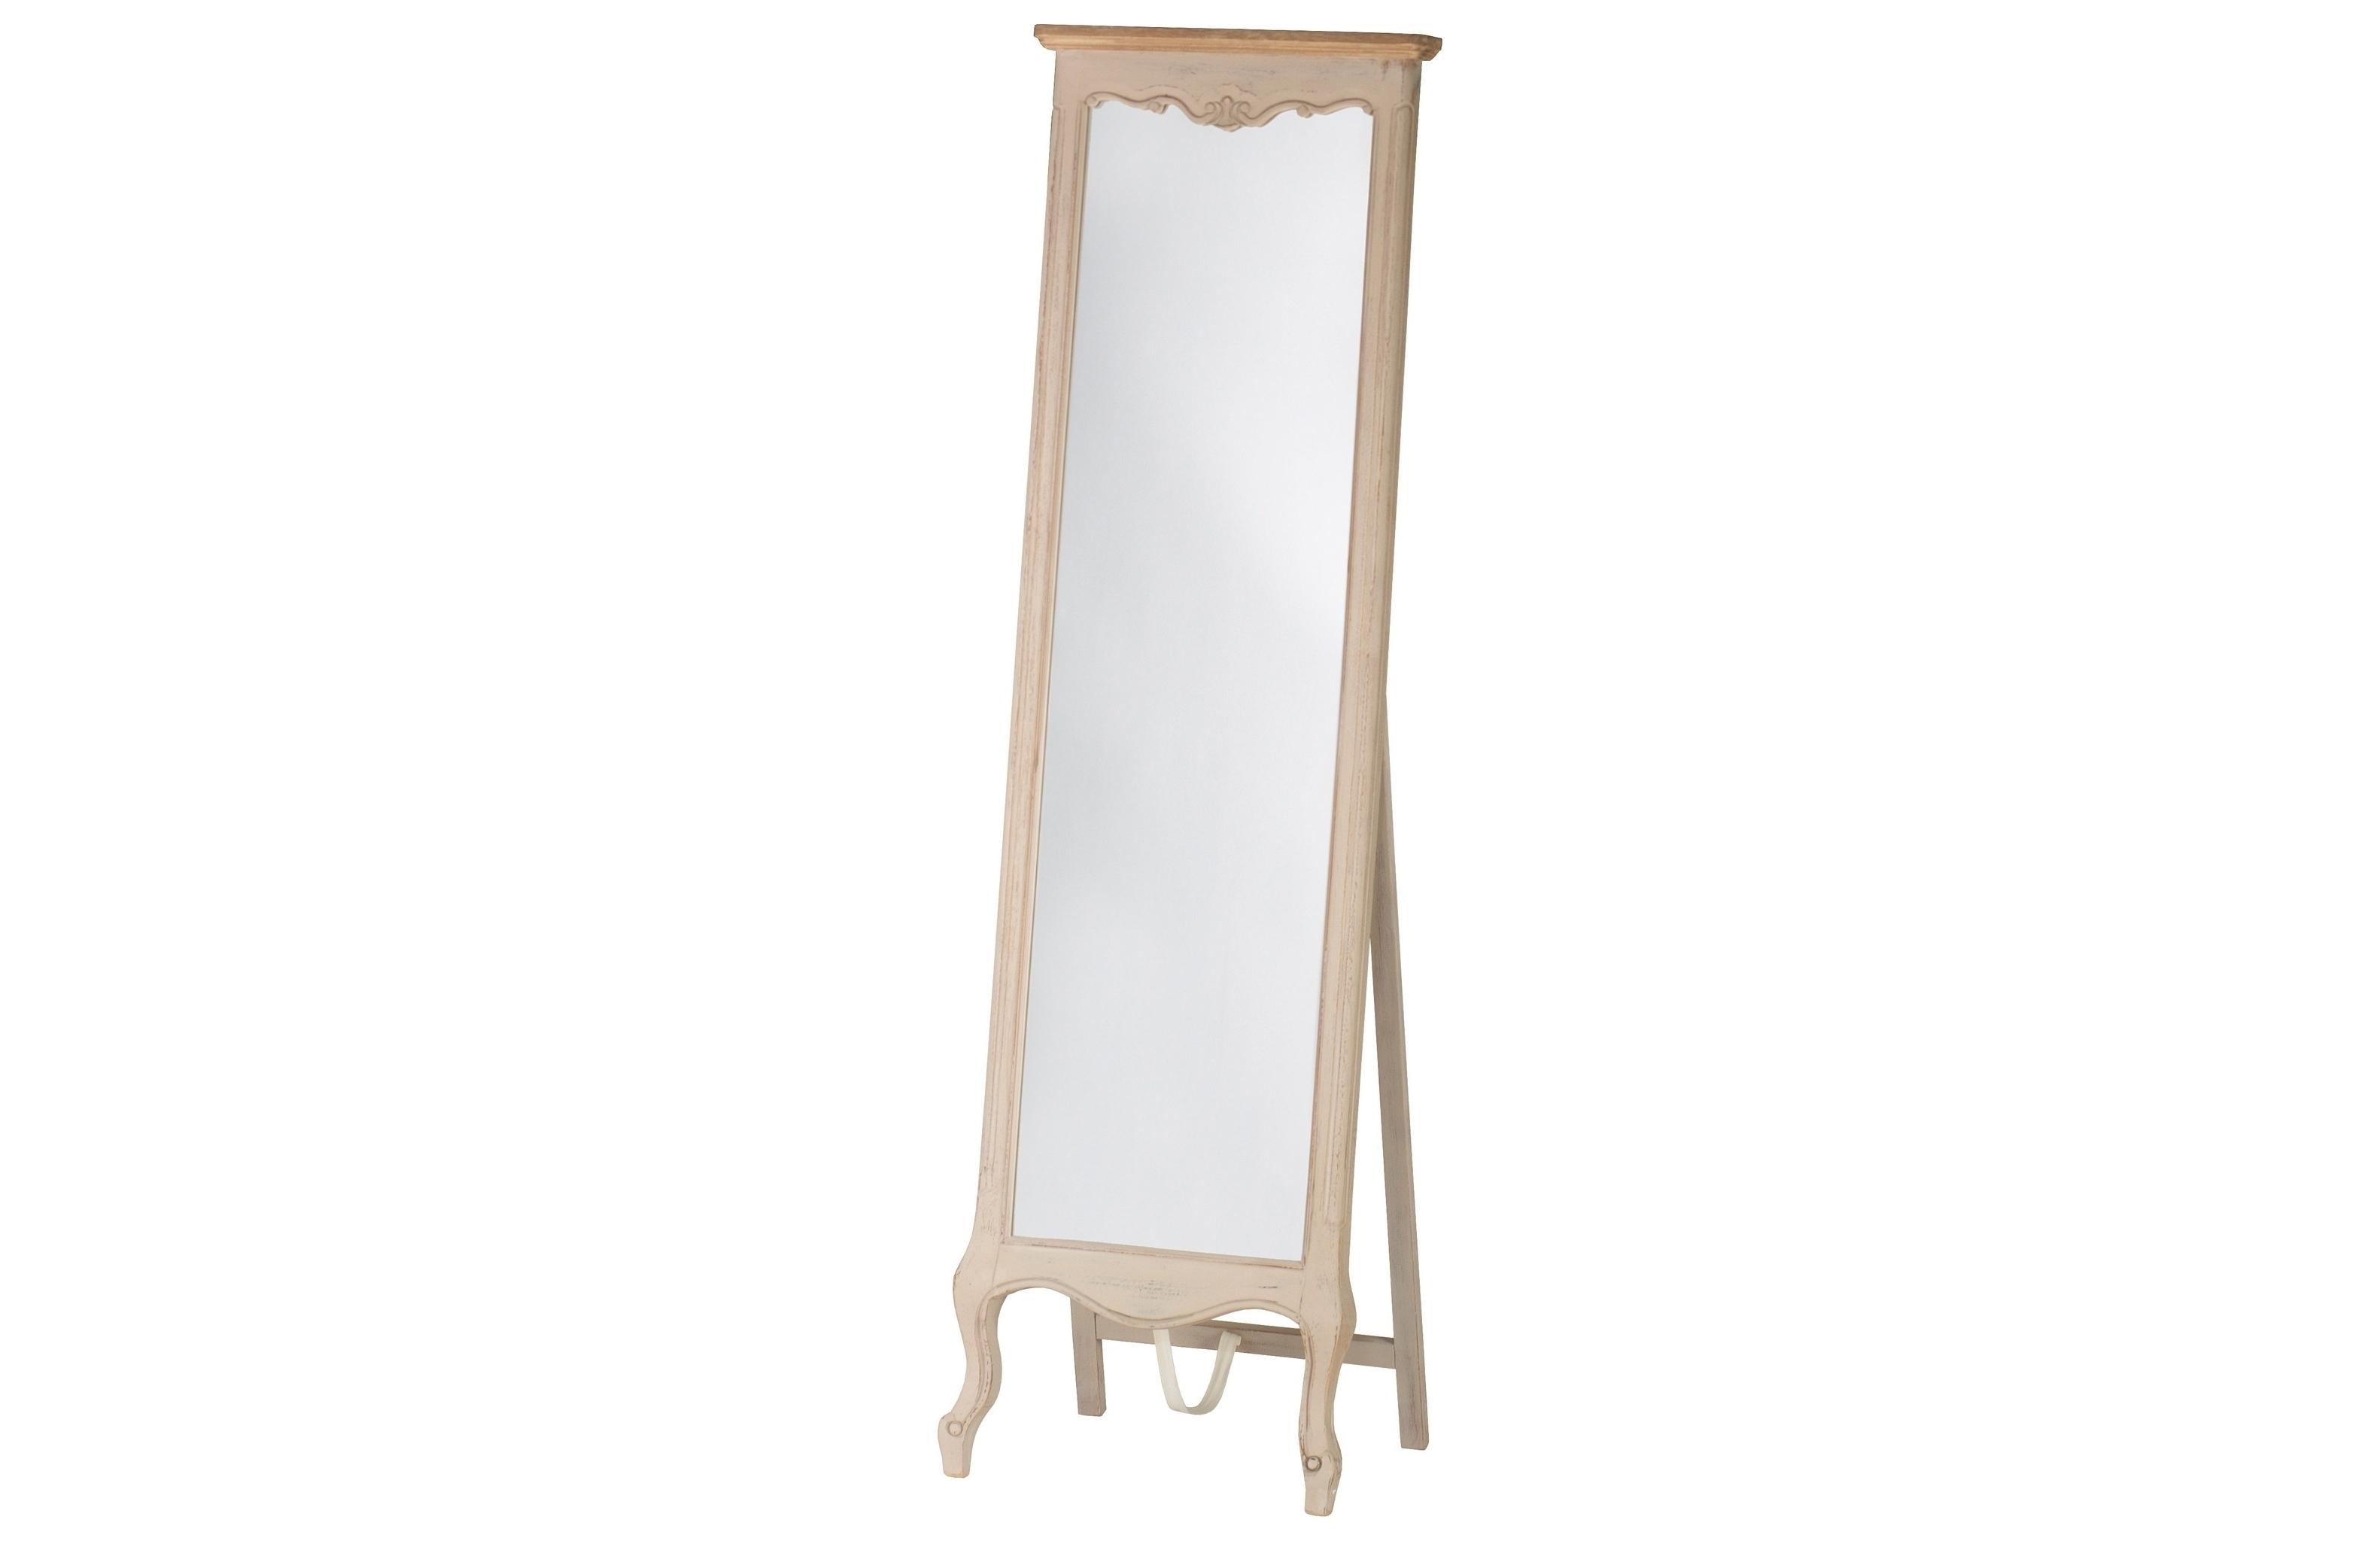 Напольное зеркало ReimsНапольные зеркала<br><br><br>Material: Дерево<br>Width см: 50<br>Depth см: 8<br>Height см: 168